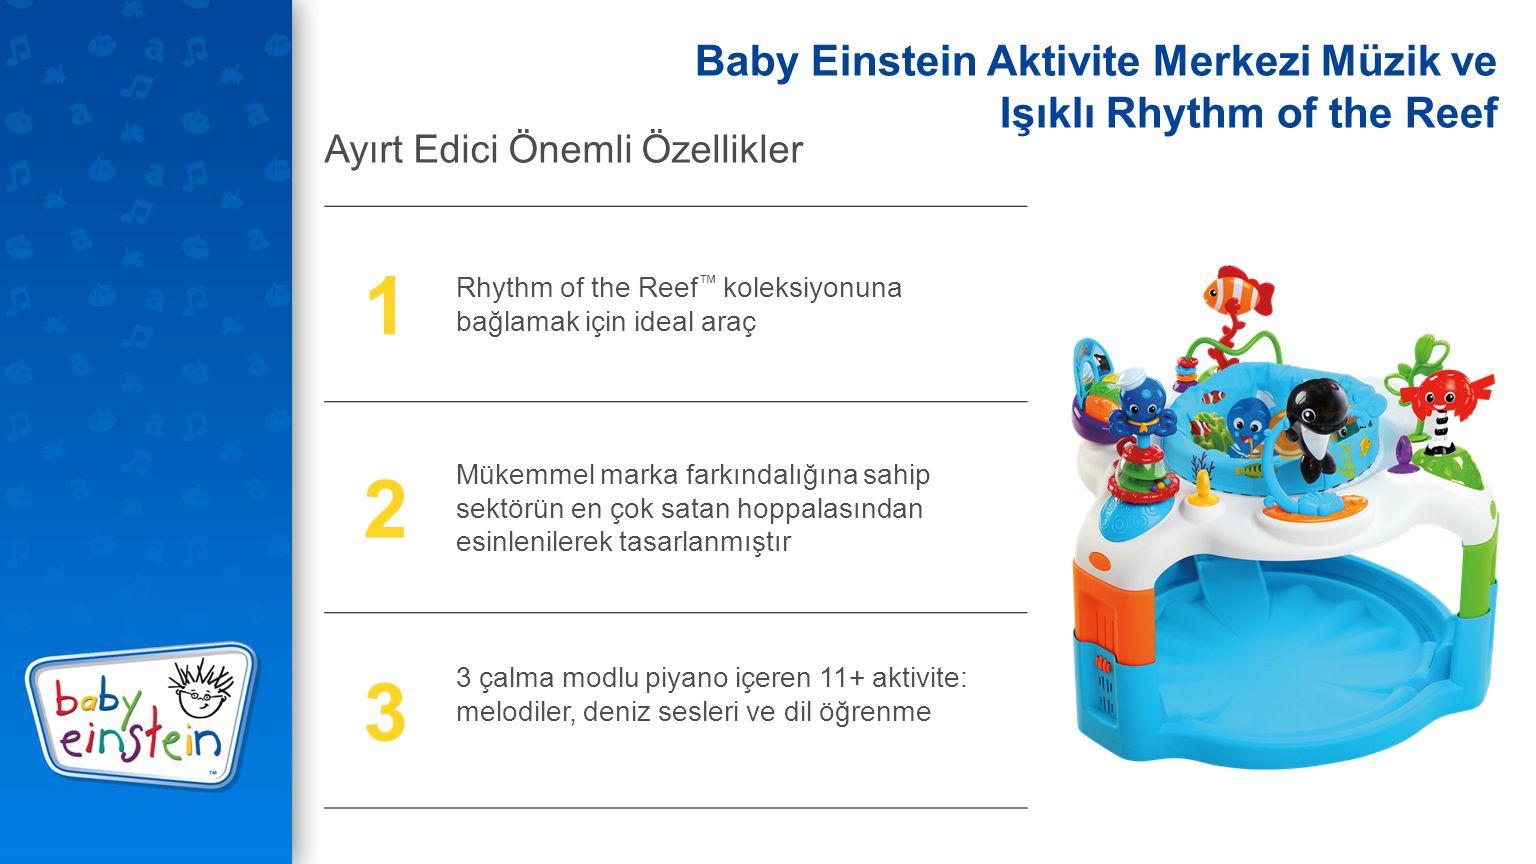 1 Rhythm of the Reef ™ koleksiyonuna bağlamak için ideal araç 2 Mükemmel marka farkındalığına sahip sektörün en çok satan hoppalasından esinlenilerek tasarlanmıştır 3 3 çalma modlu piyano içeren 11+ aktivite: melodiler, deniz sesleri ve dil öğrenme Ayırt Edici Önemli Özellikler Baby Einstein Aktivite Merkezi Müzik ve Işıklı Rhythm of the Reef